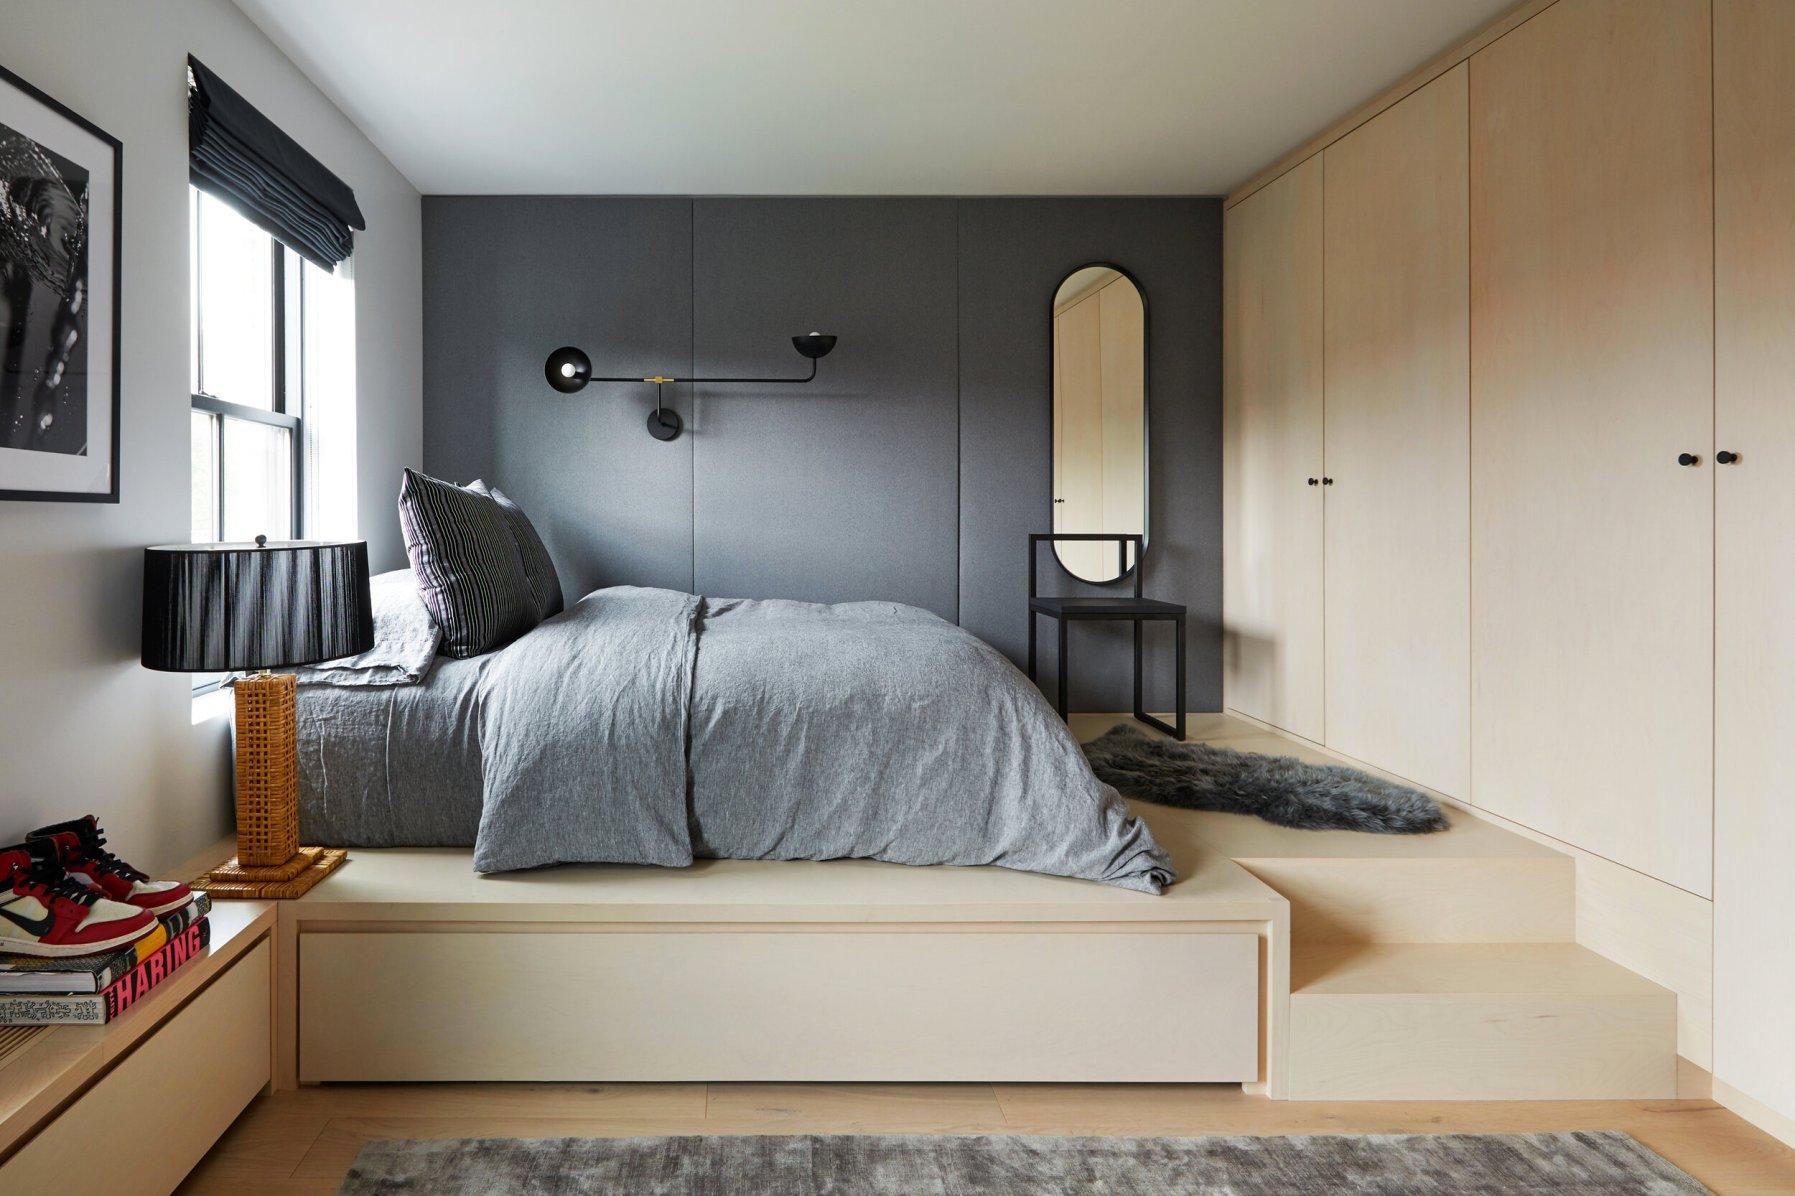 детская комната подиум кровать